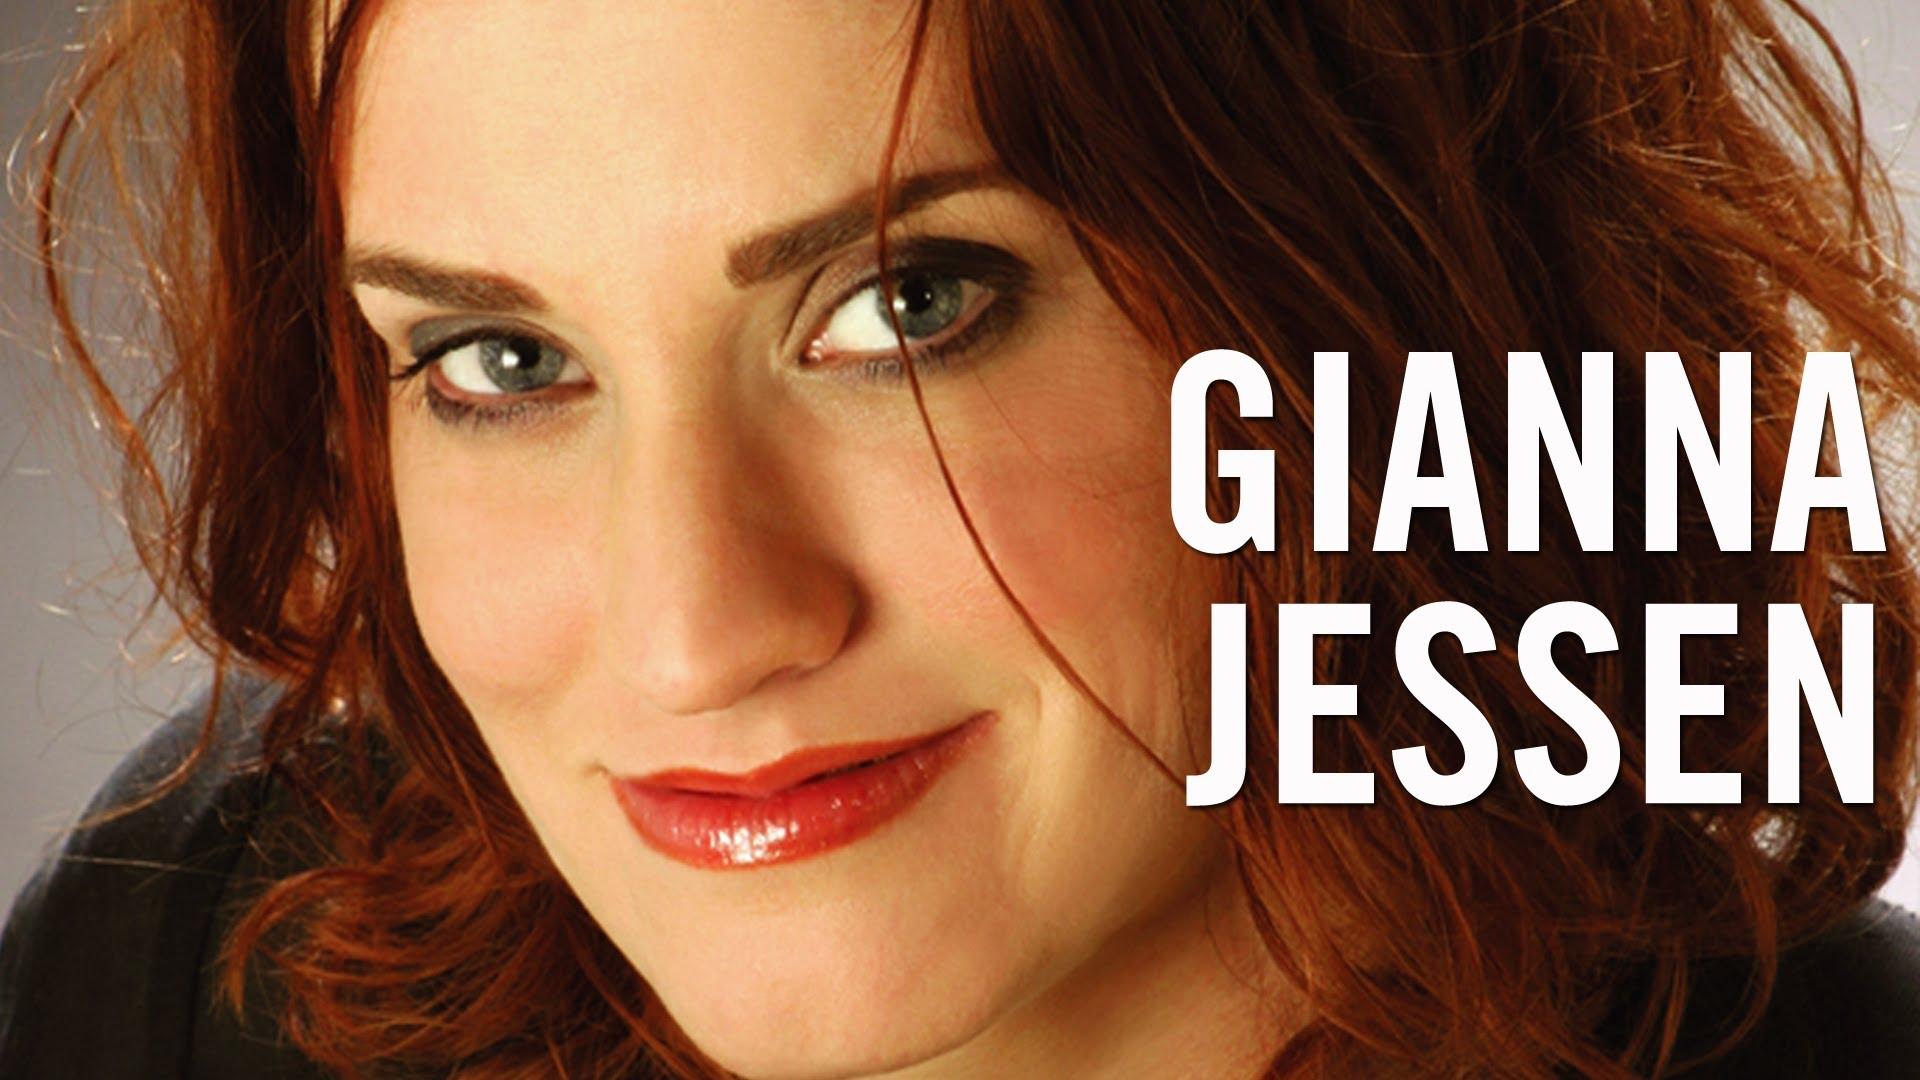 L'extraordinaire témoignage de Gianna Jeessen, rescapée de l'avortement